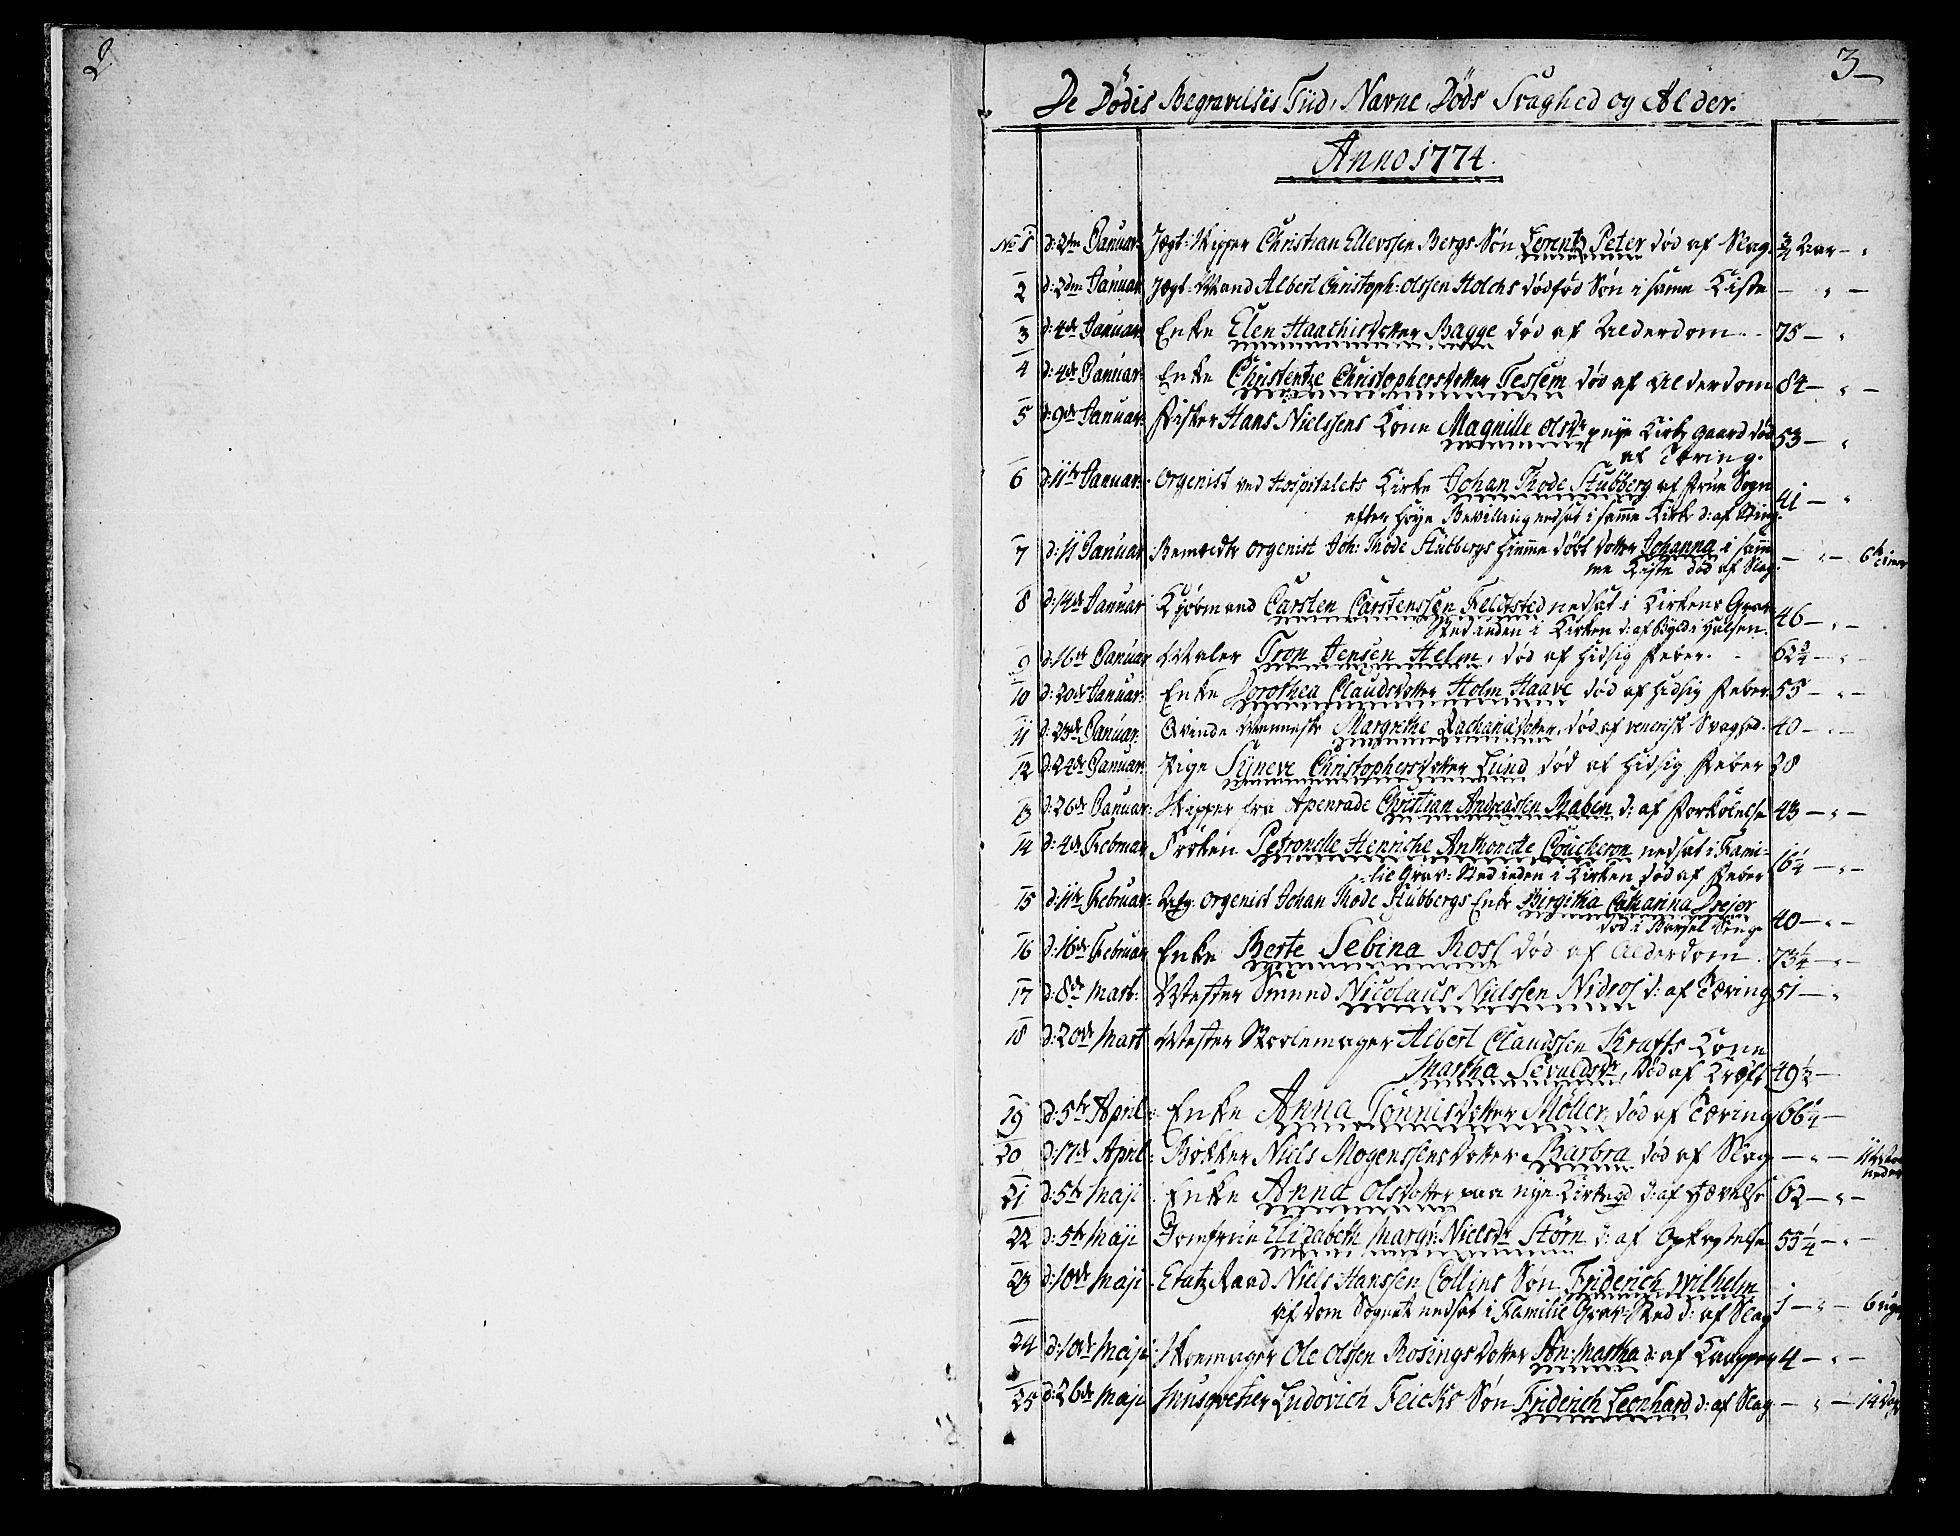 SAT, Ministerialprotokoller, klokkerbøker og fødselsregistre - Sør-Trøndelag, 602/L0106: Ministerialbok nr. 602A04, 1774-1814, s. 2-3